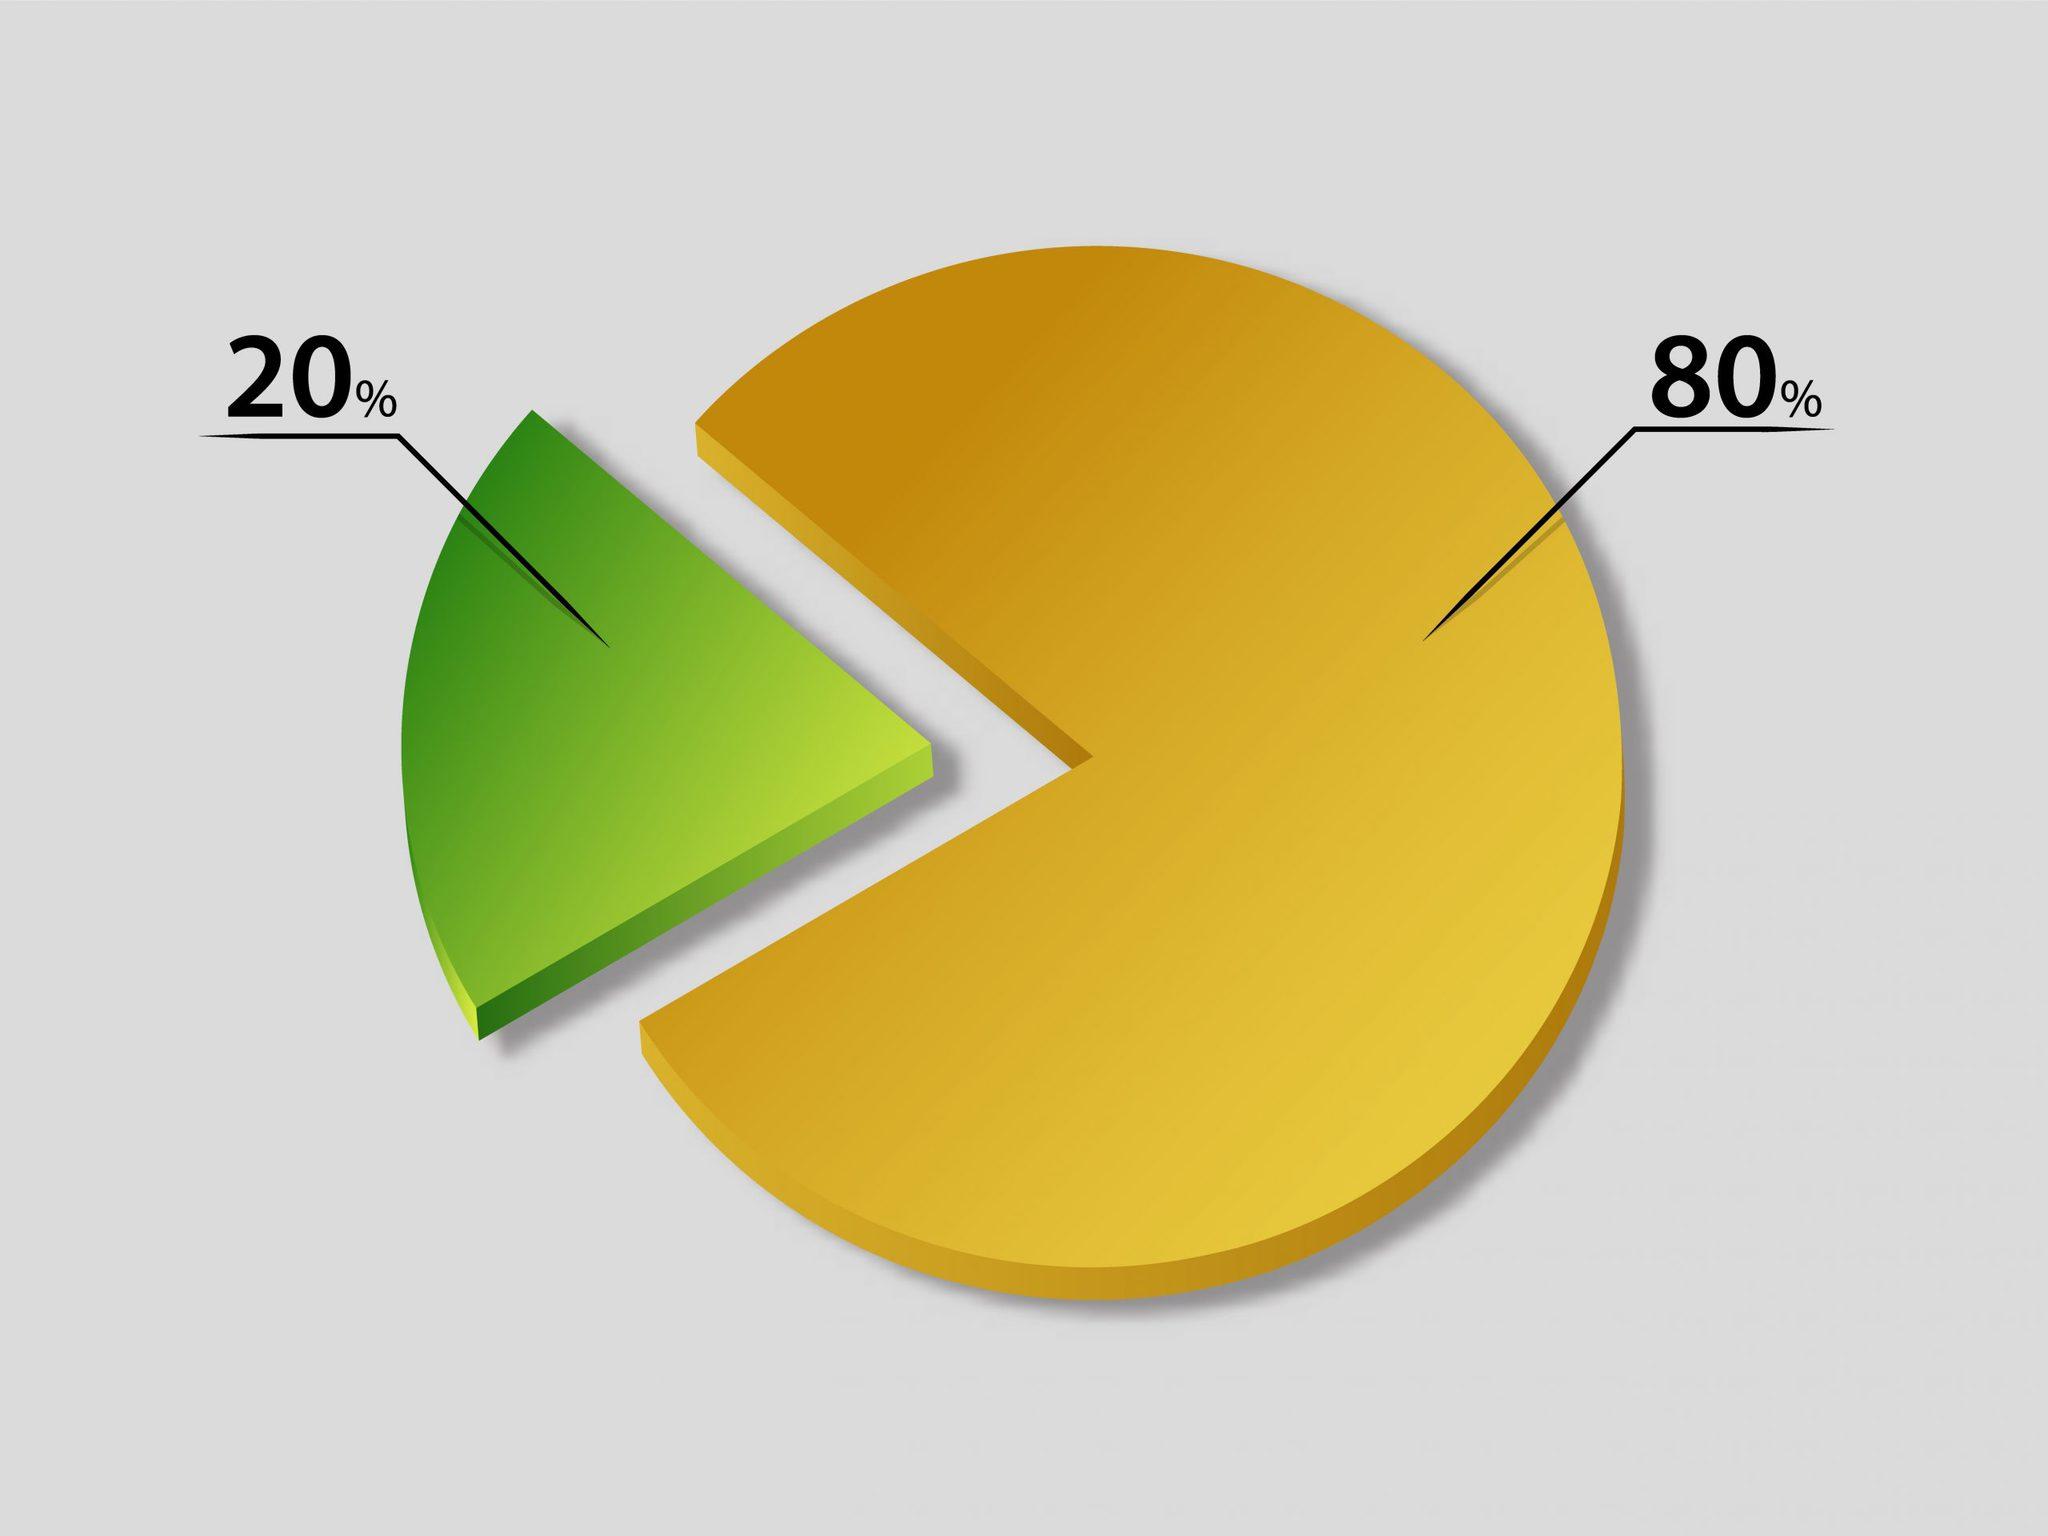 Quy luật 80% đơn giản 20% phức tạp trong Forex